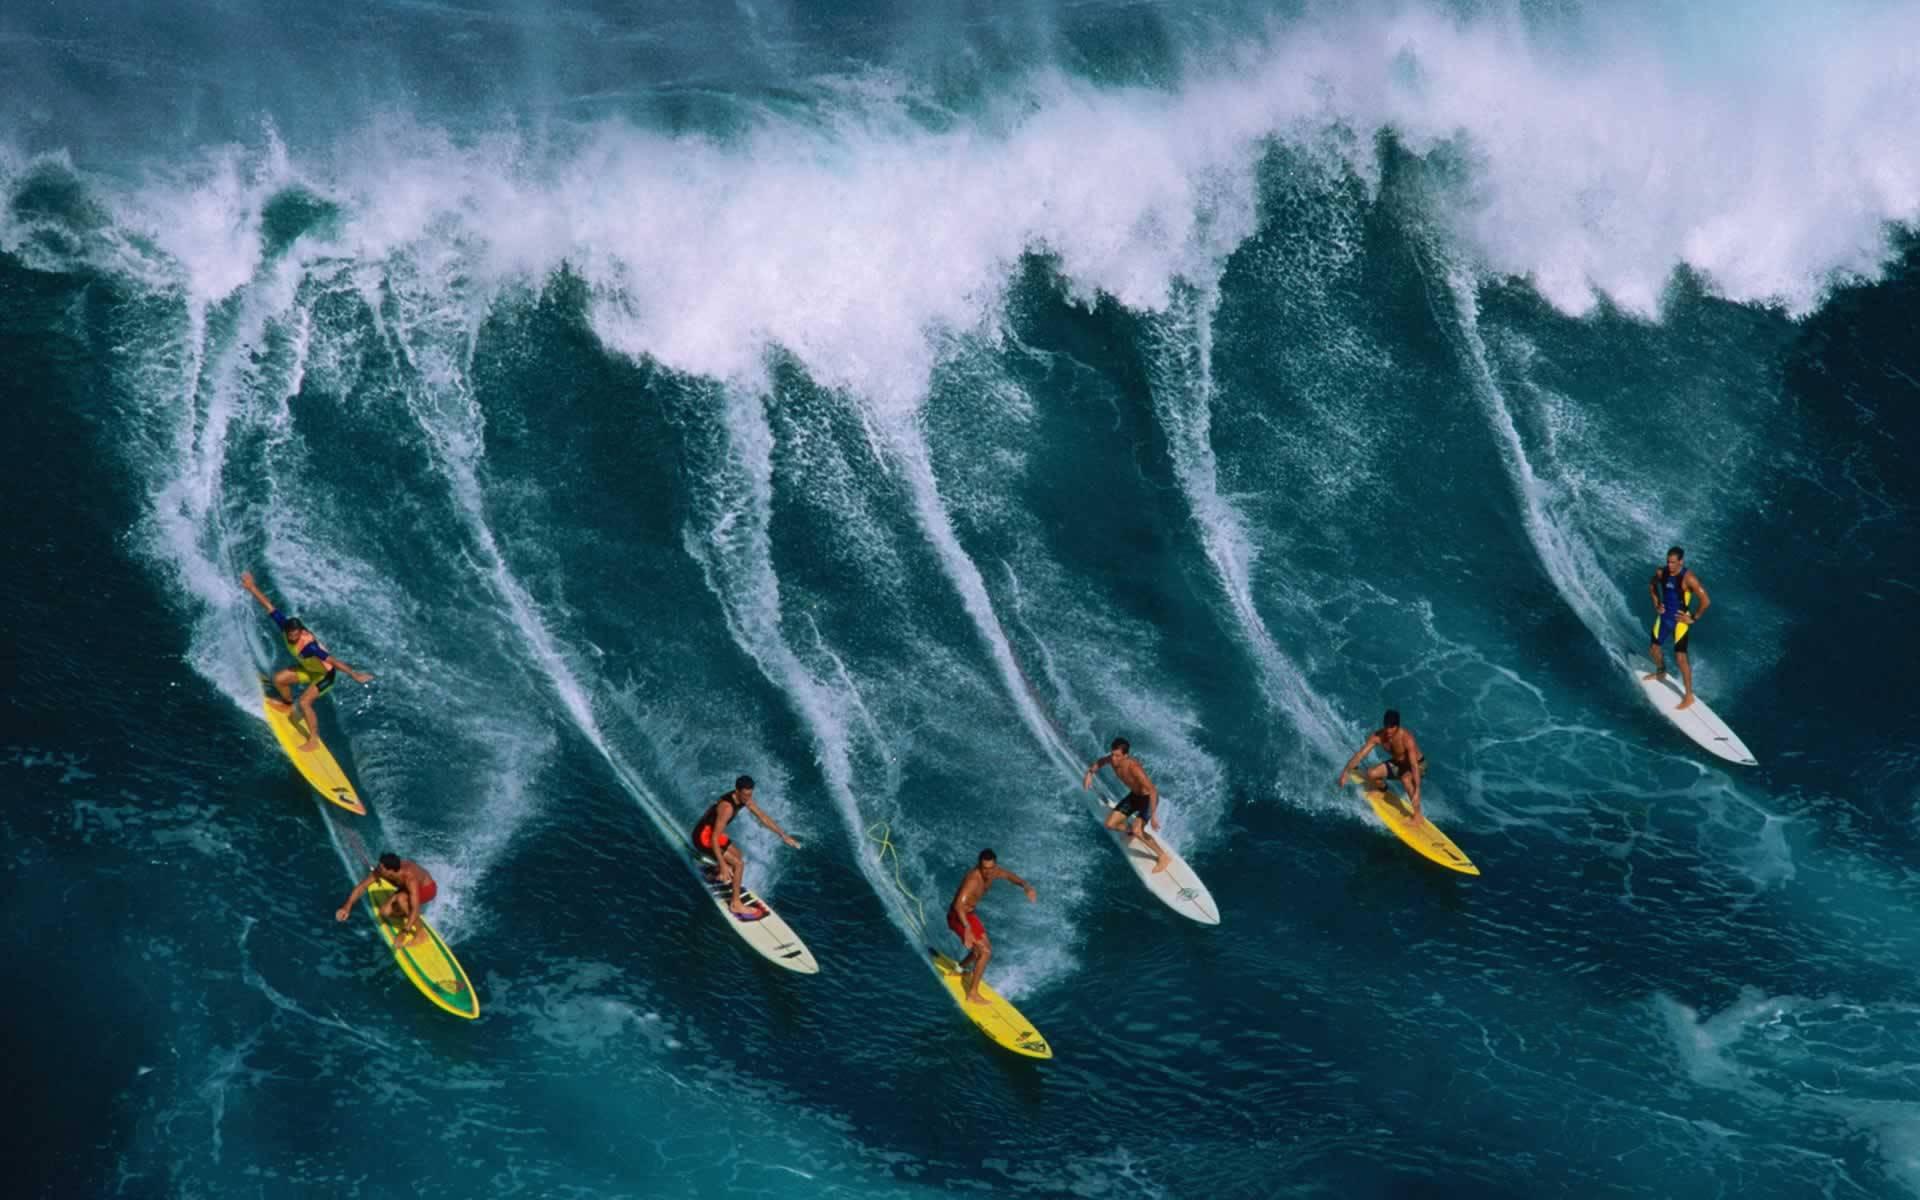 Очень приятная блондинка на серфинге доски